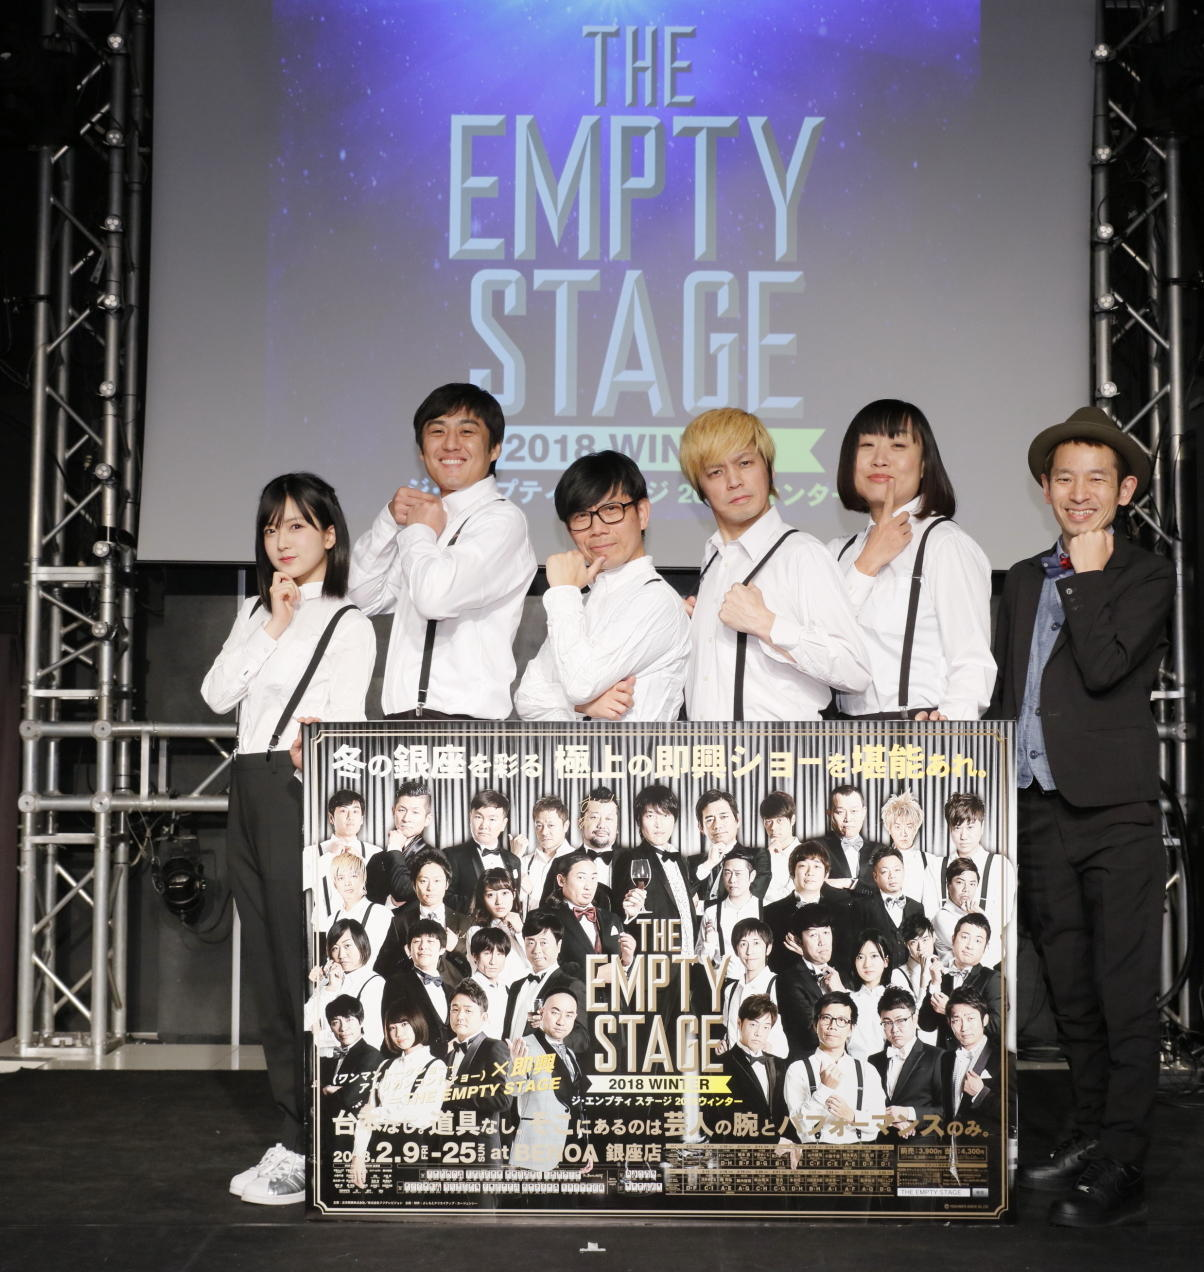 http://news.yoshimoto.co.jp/20180211000450-5439488c14a63334d2f4cb419d5ca39df6bc5901.jpg